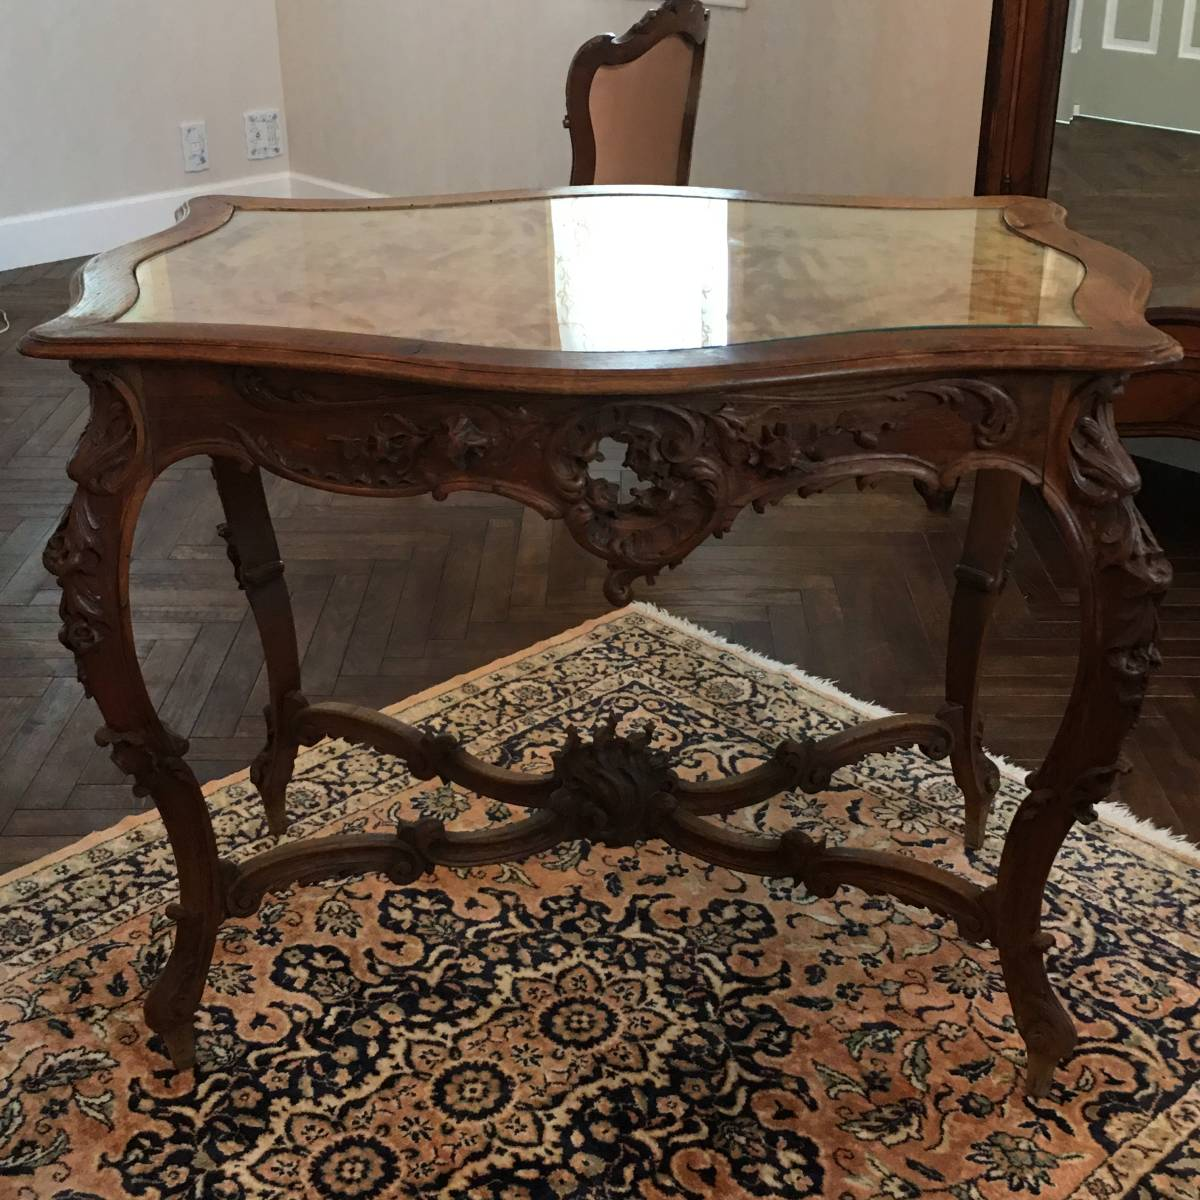 フランスアンティーク テーブル アンティークテーブル 19世紀 コンソールテーブル ルイ15世様式 ロココ様式 アンティーク家具_商品はガラス天板のテーブルです